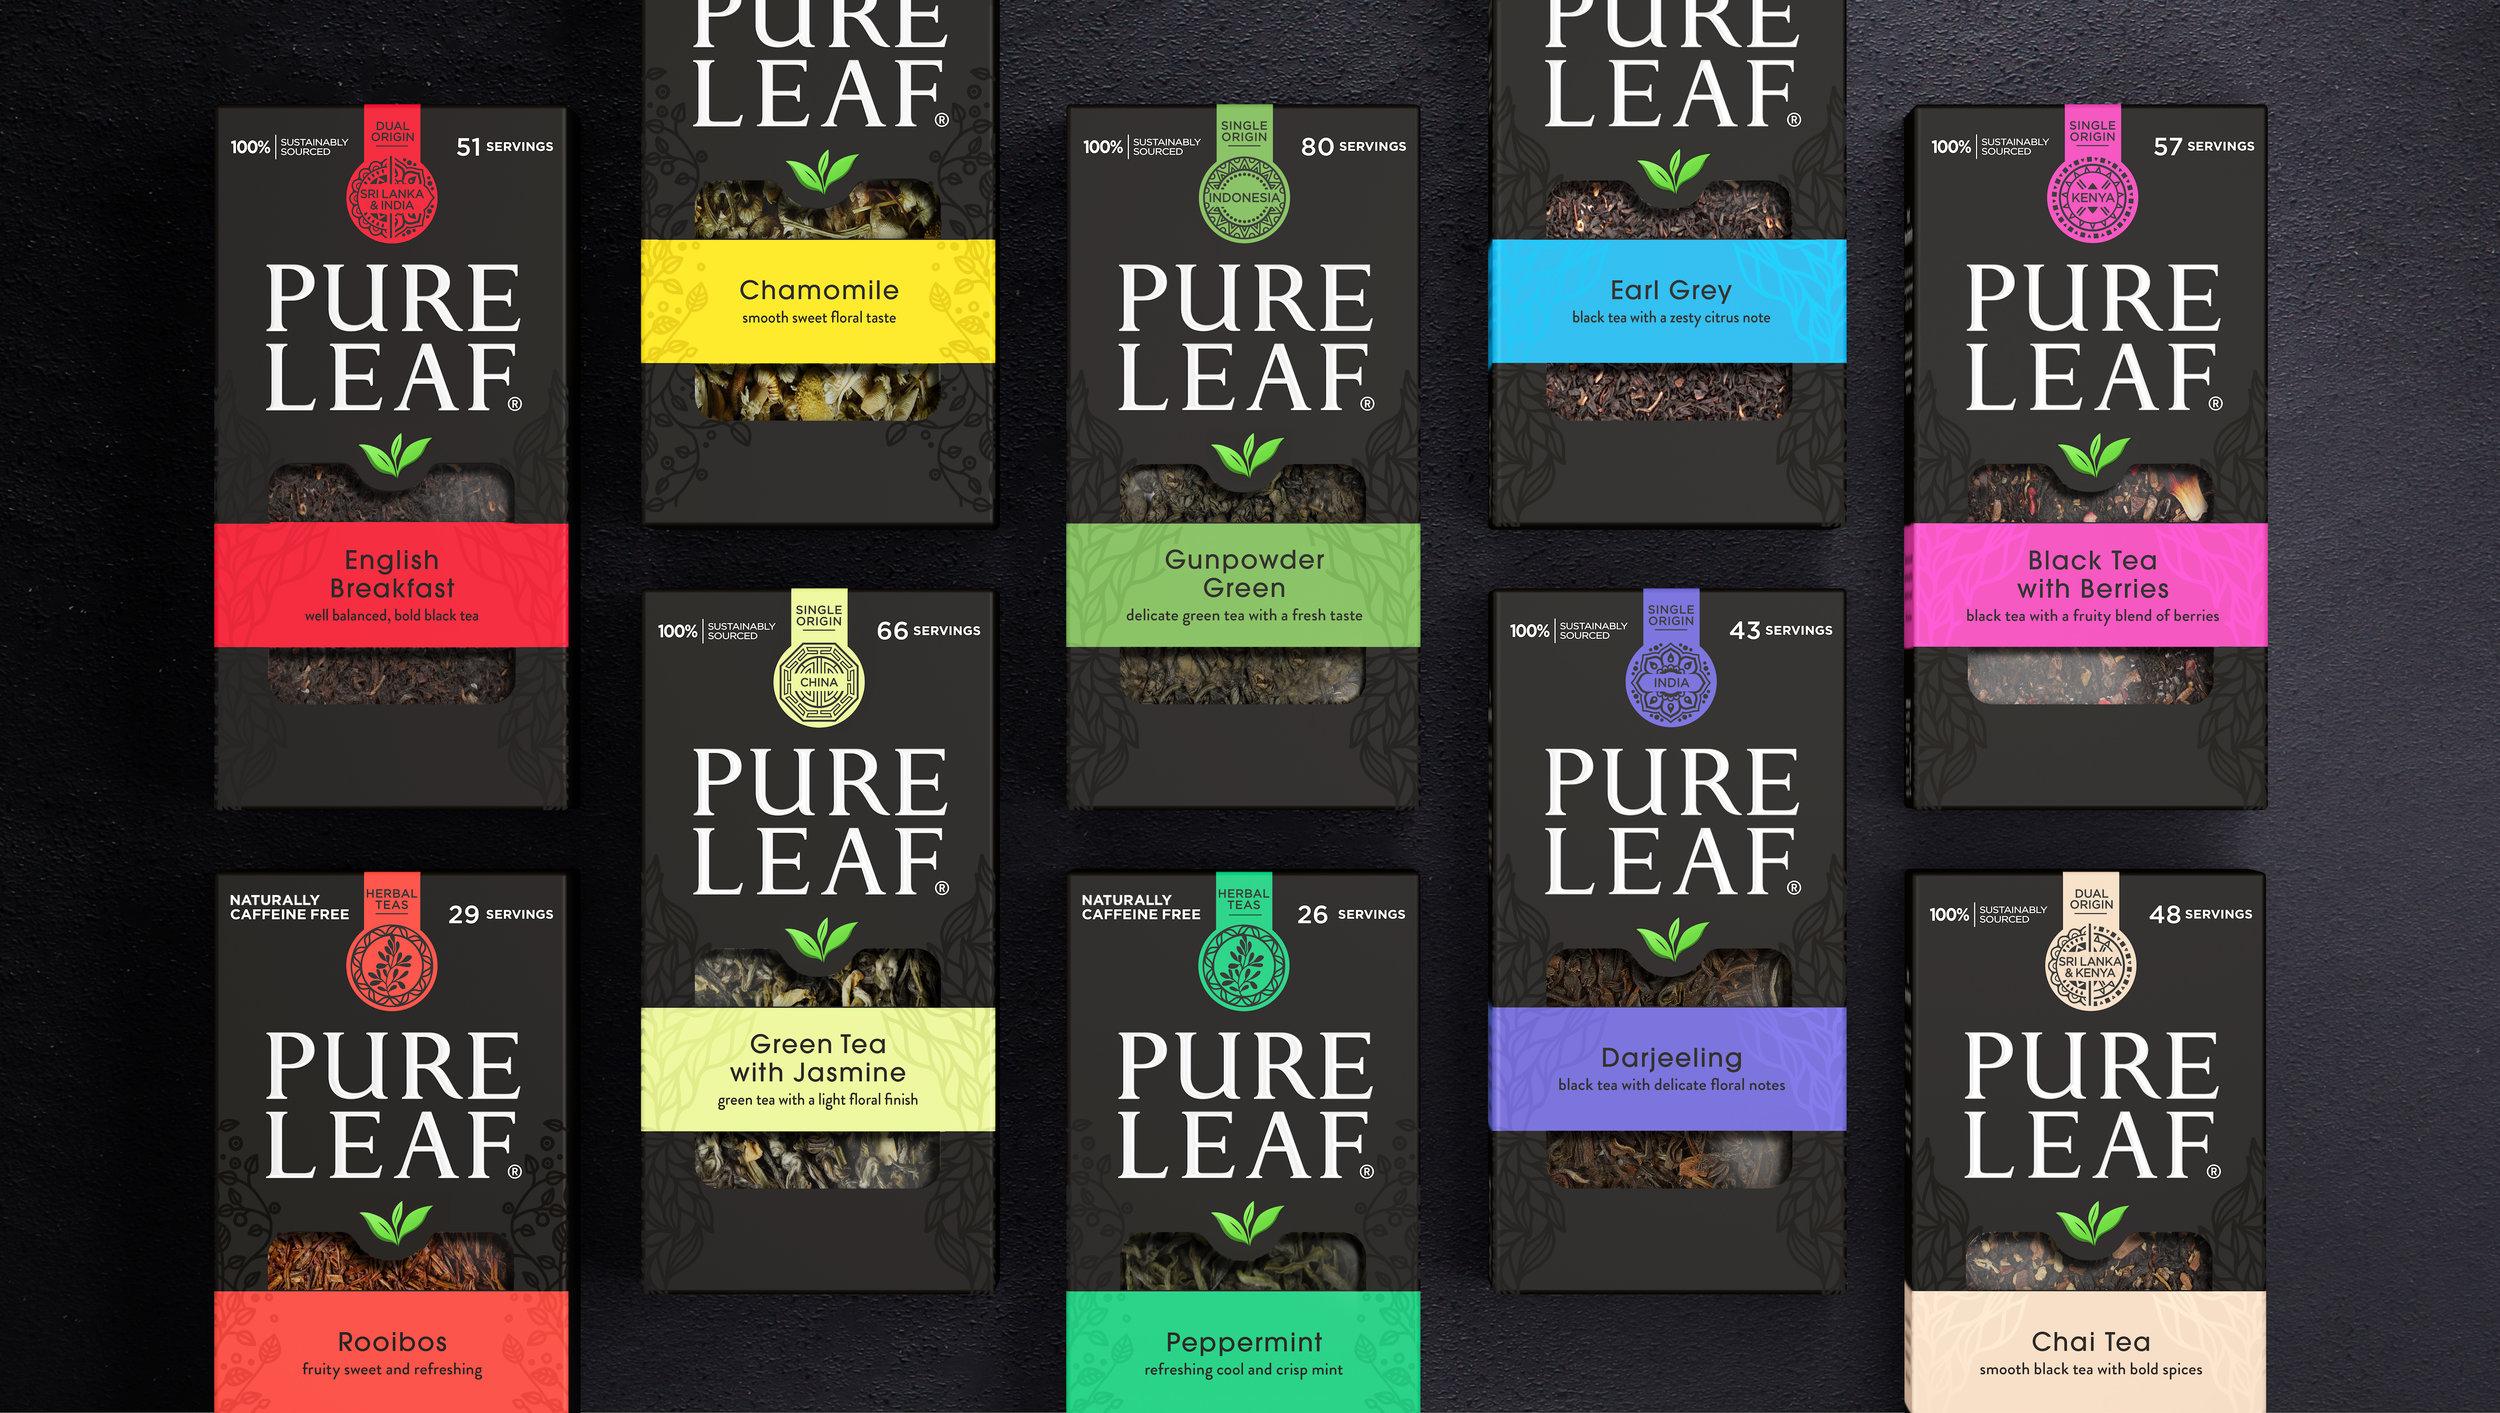 pure leaf3.jpg